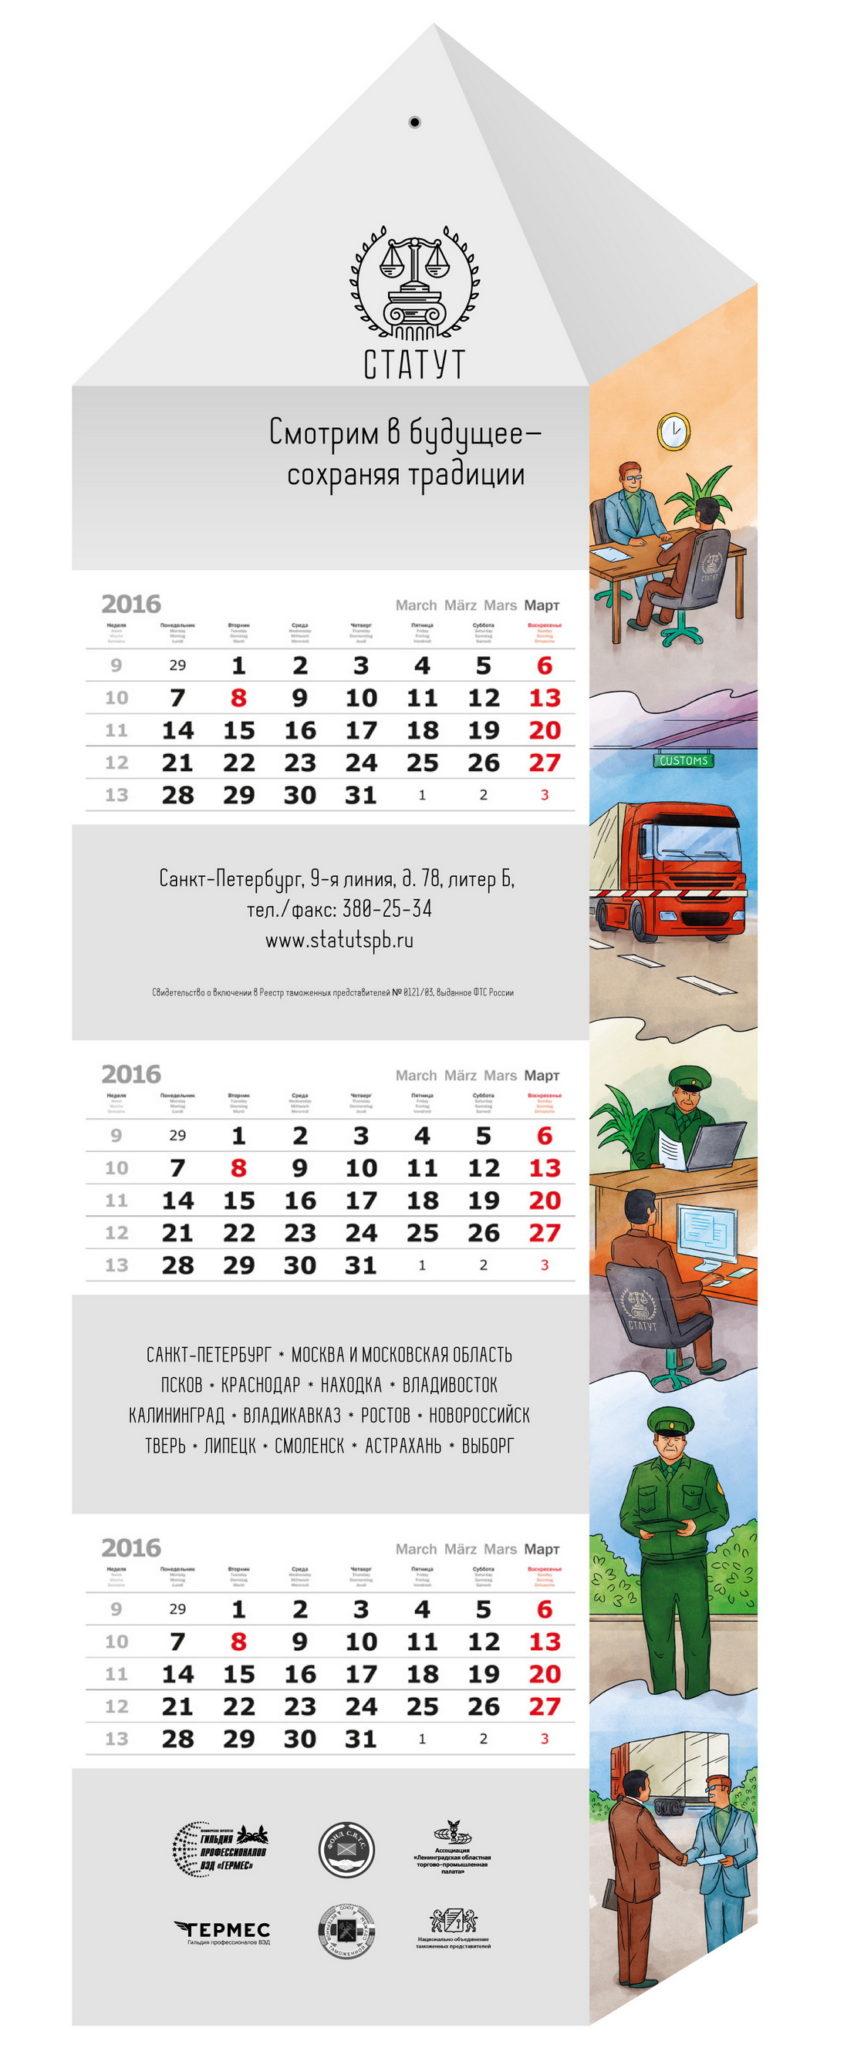 Дизайн квартального календаря тріо СТАТУТ з ілюстрацією митниці